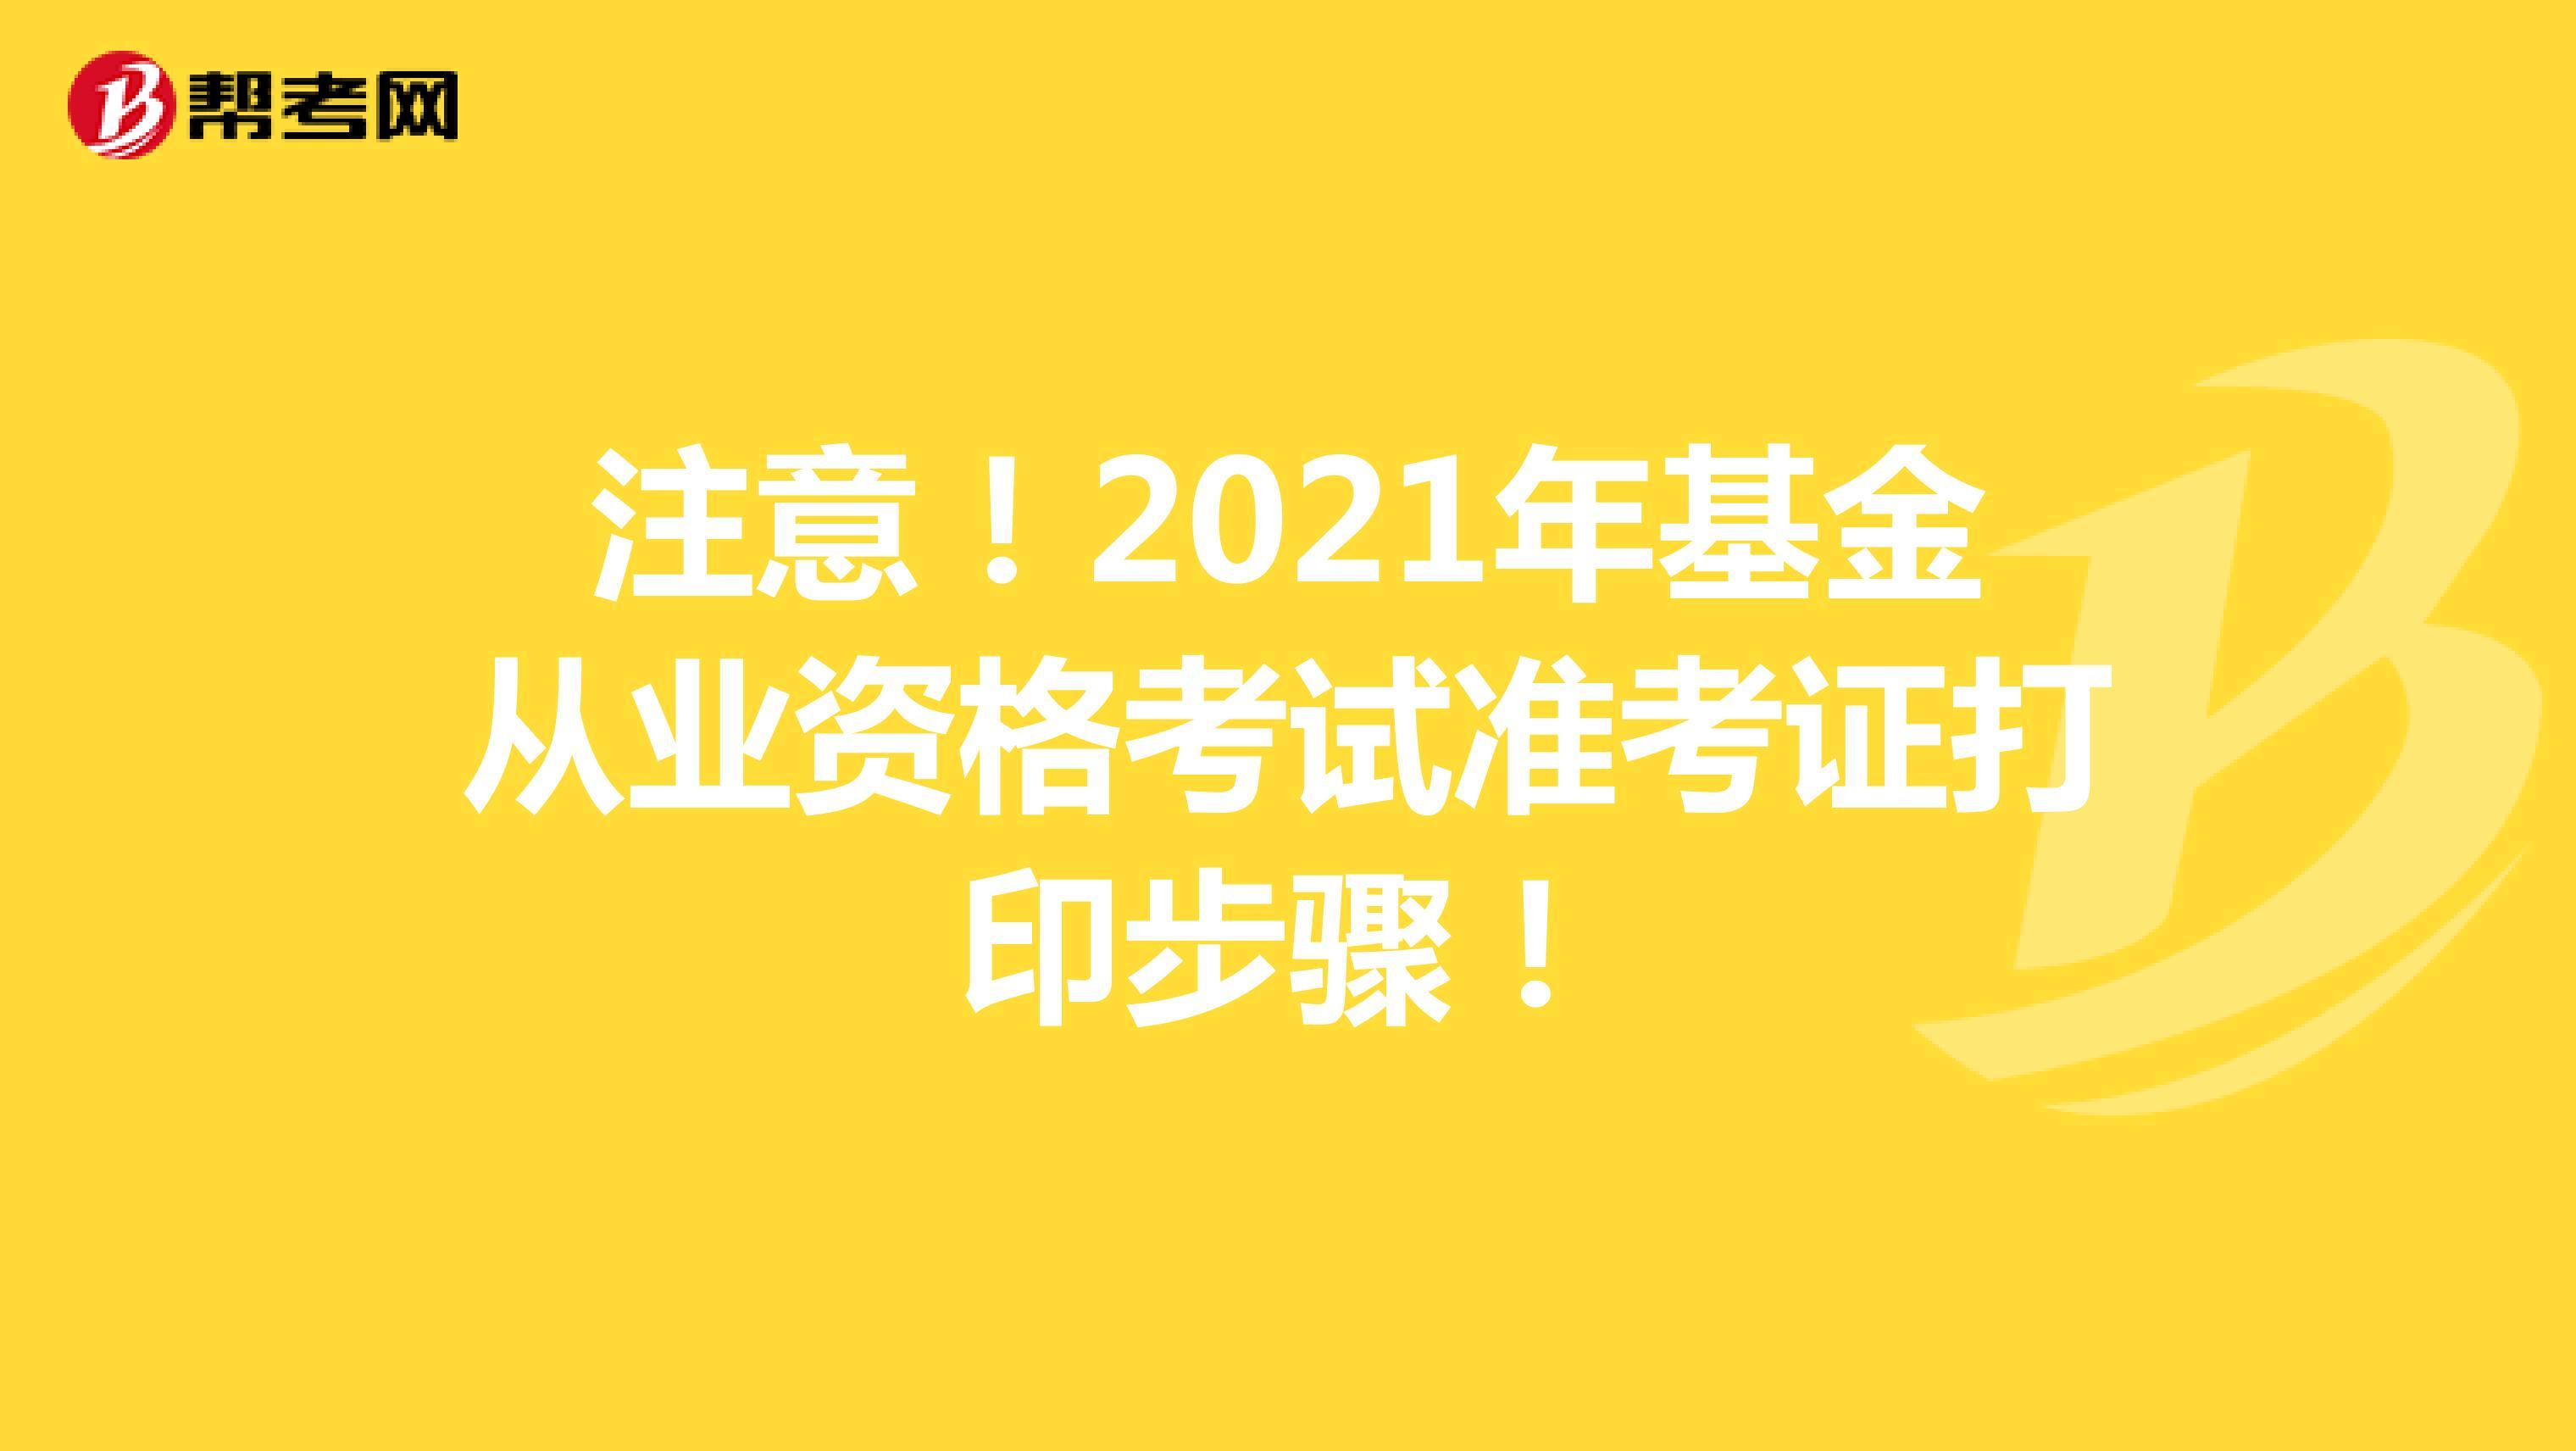 注意!2021年基金从业资格考试准考证打印步骤!